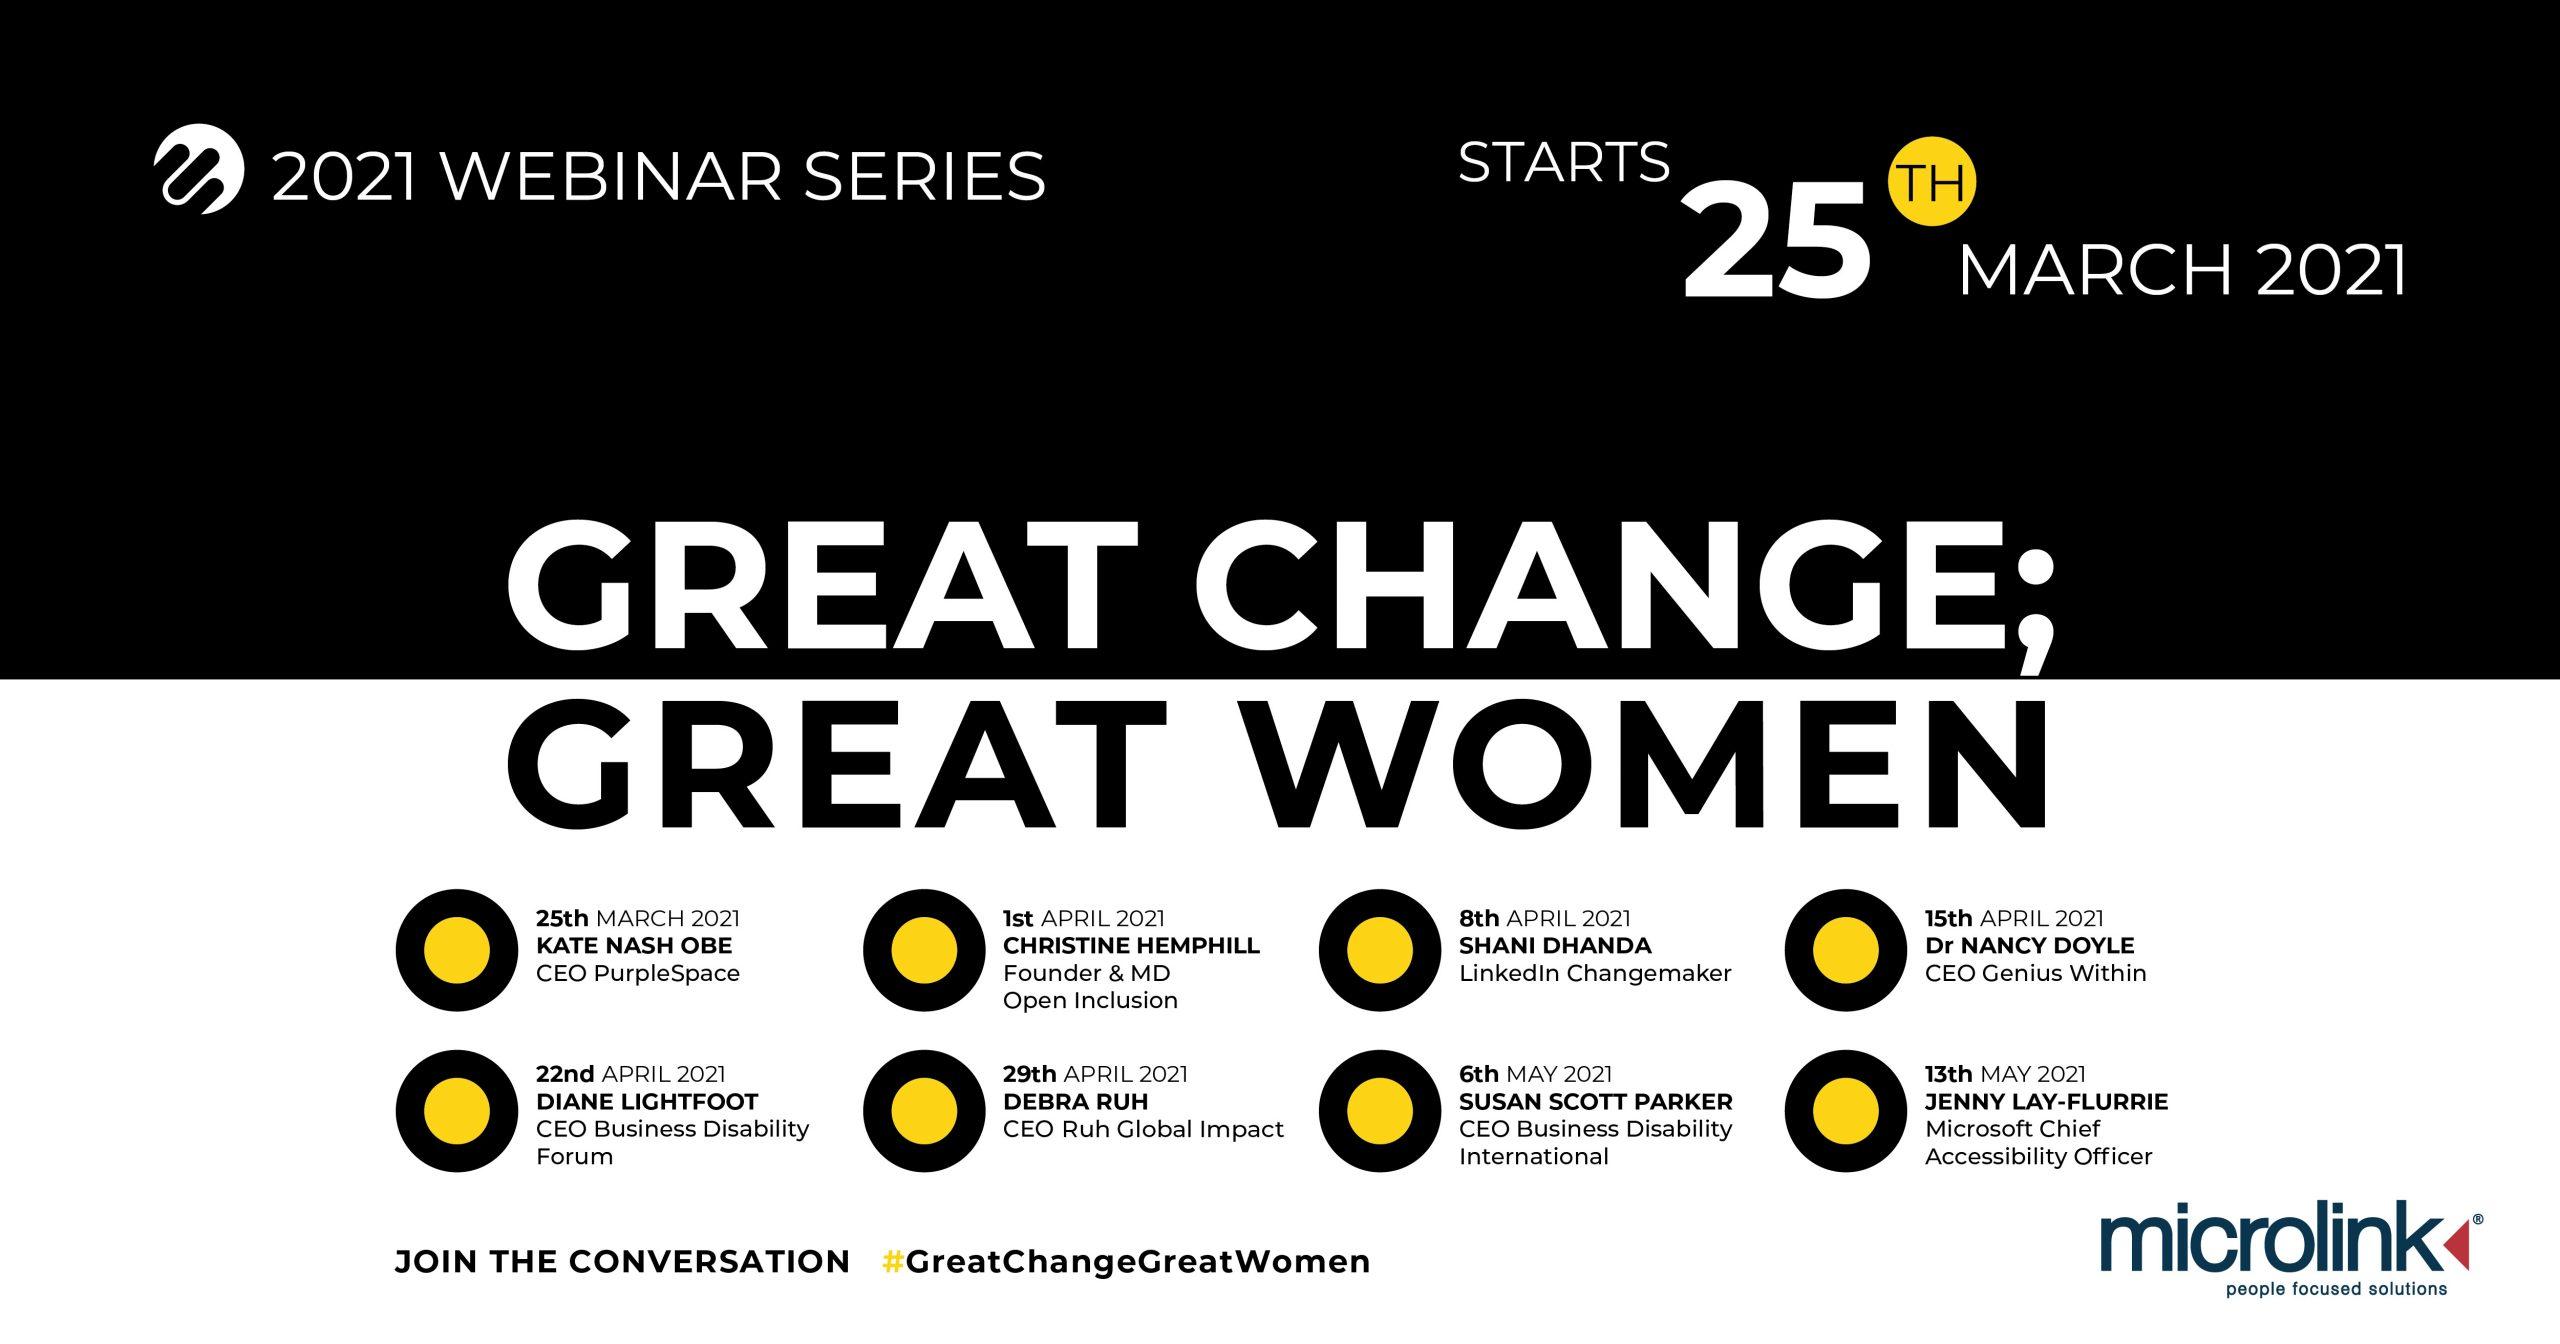 great change great women webinar series